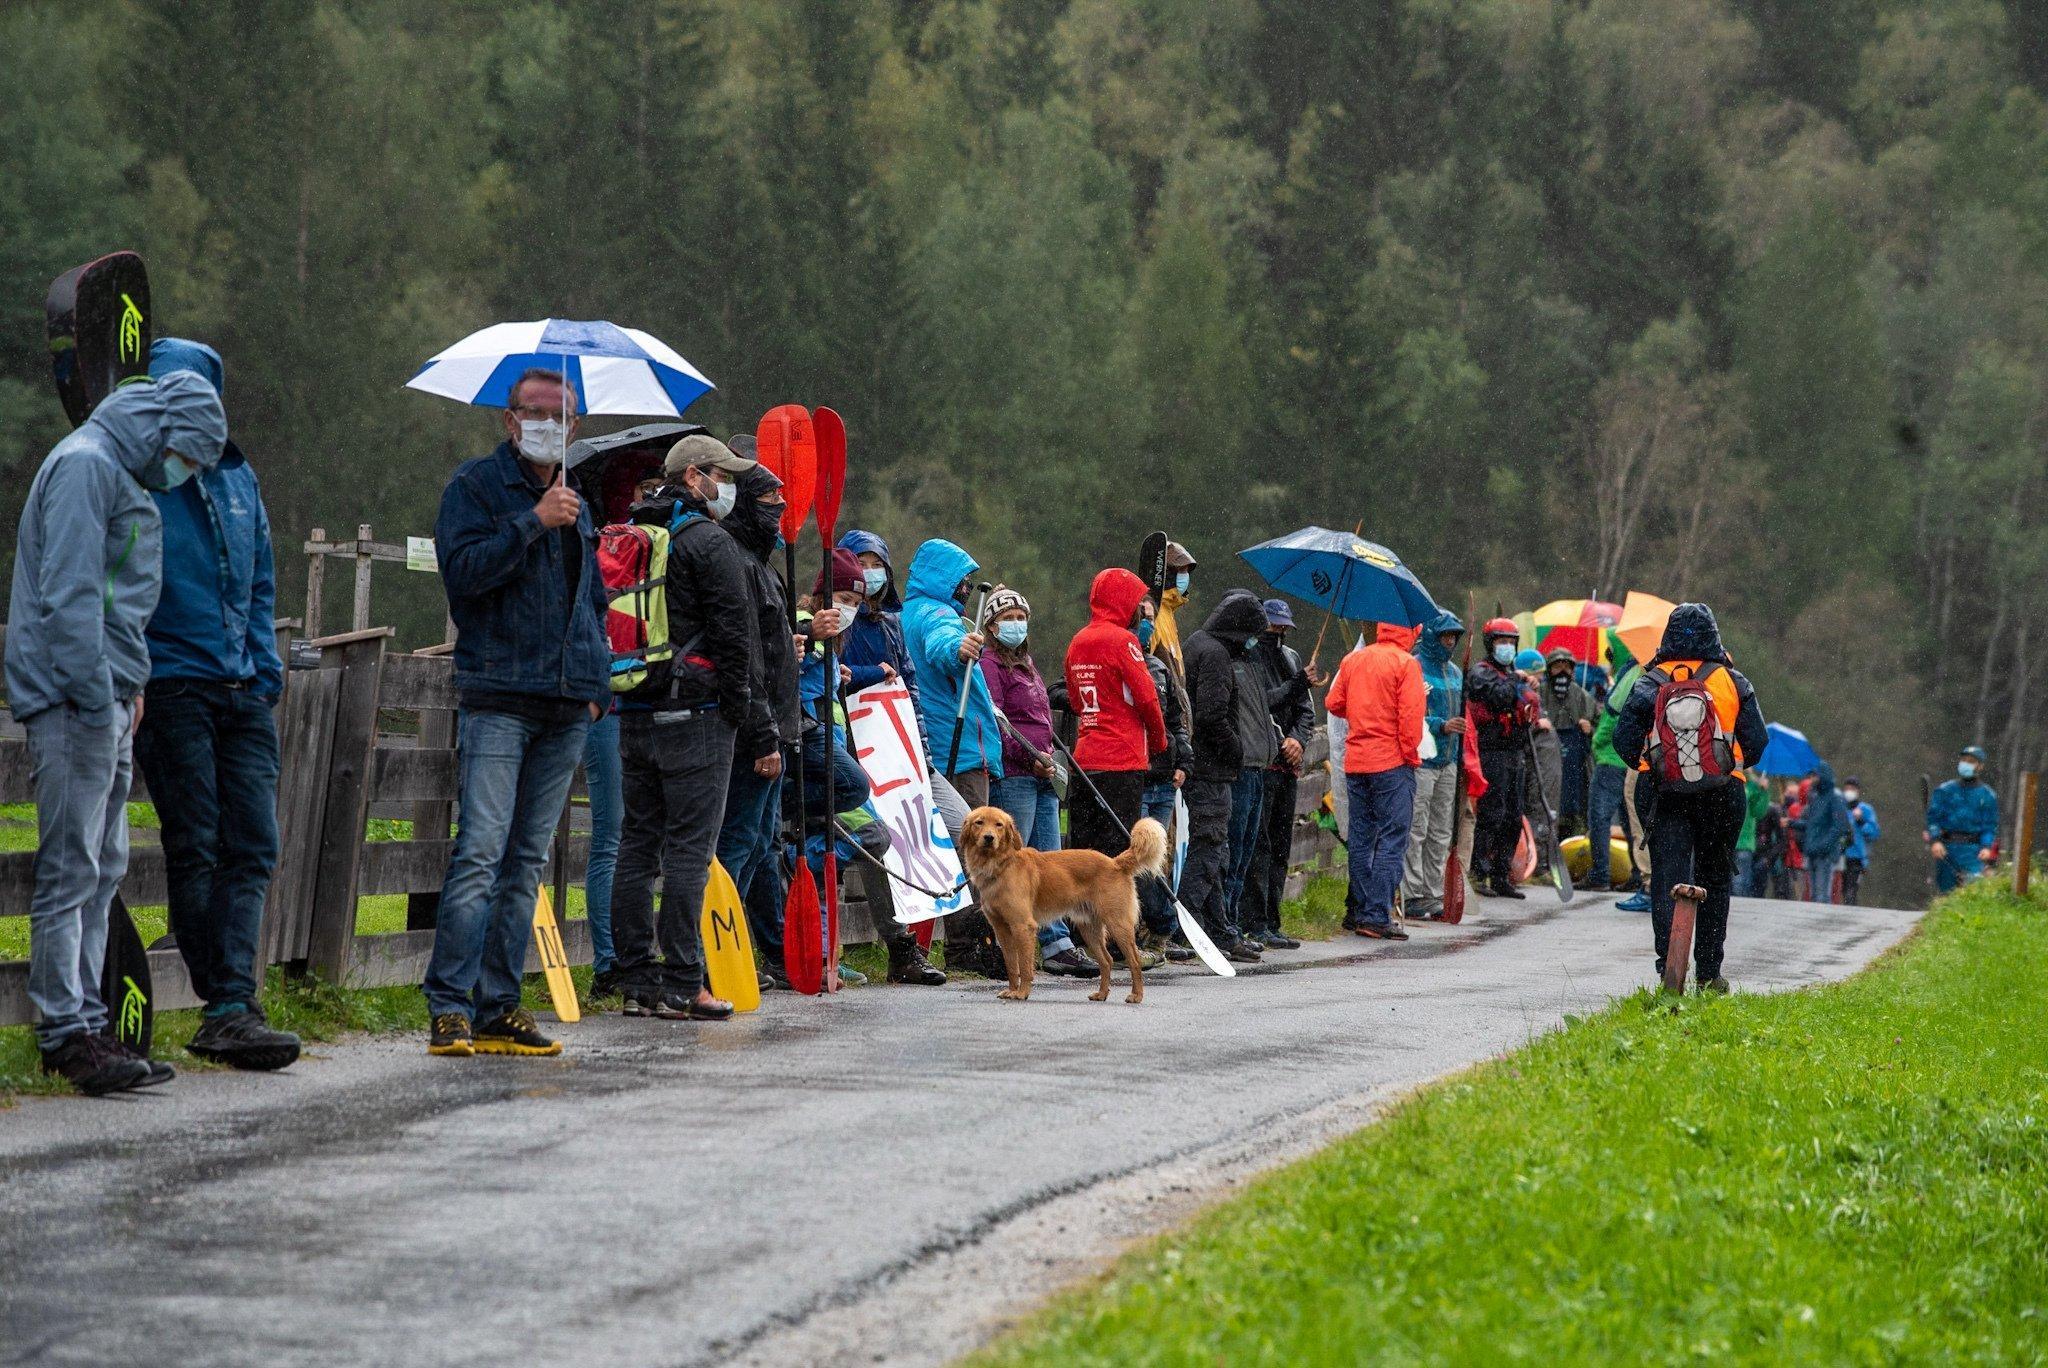 Eine Menschenkette im Regen an einer Straße.